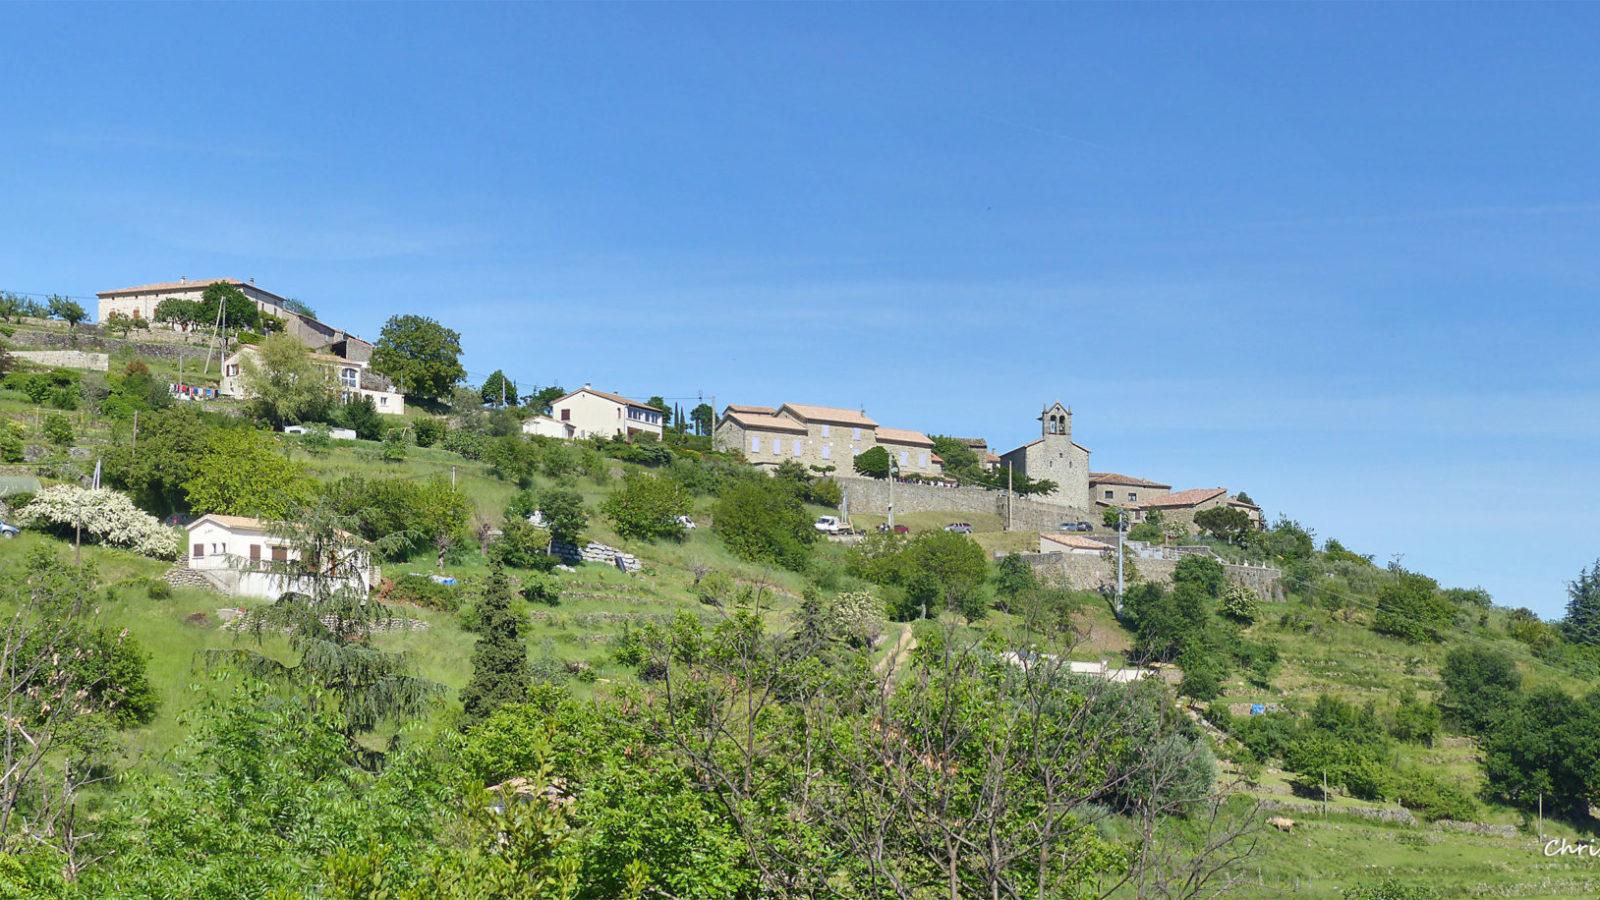 Chazeaux , the perched village